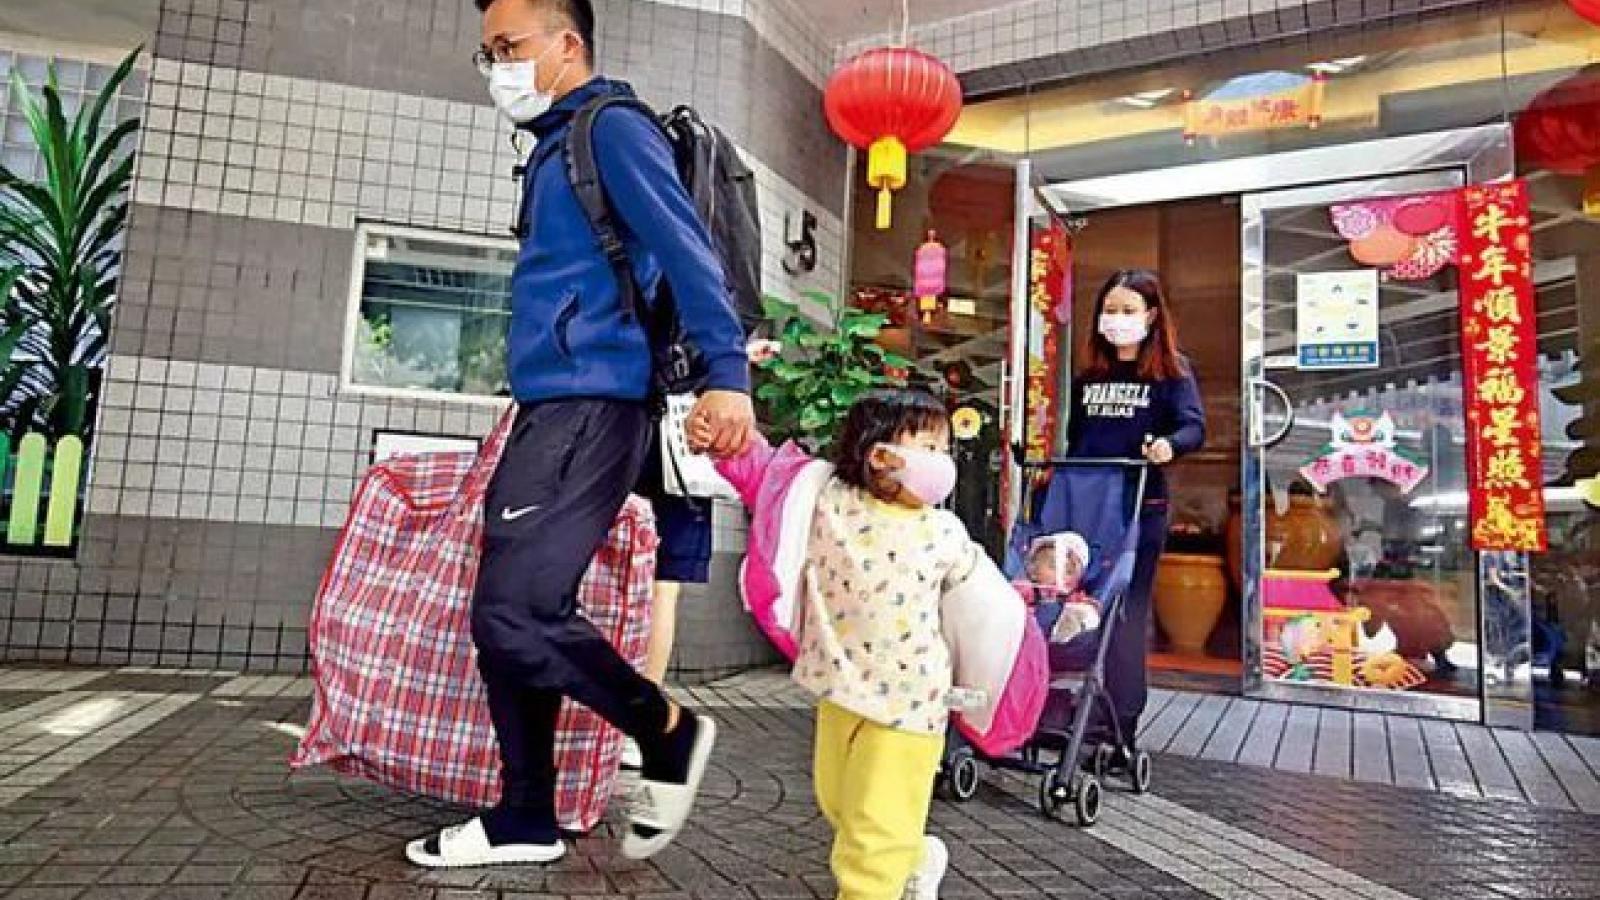 Hong Kong, Trung Quốc kéo dài các biện pháp giãn cách xã hội đến mùng 6 Tết Tân Sửu